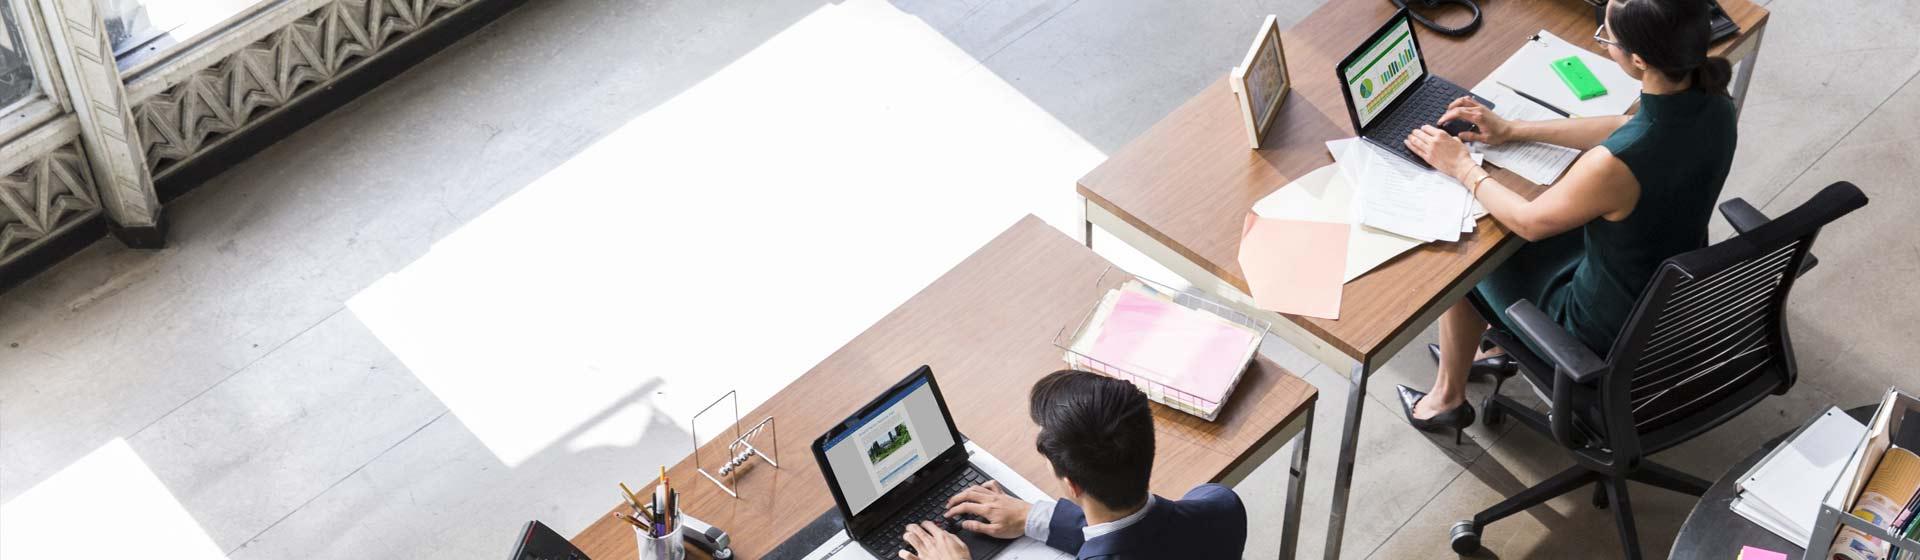 अधिक मूल्य प्राप्त करें—आज ही Office 2013 से Office 365 पर नवीनीकृत करें